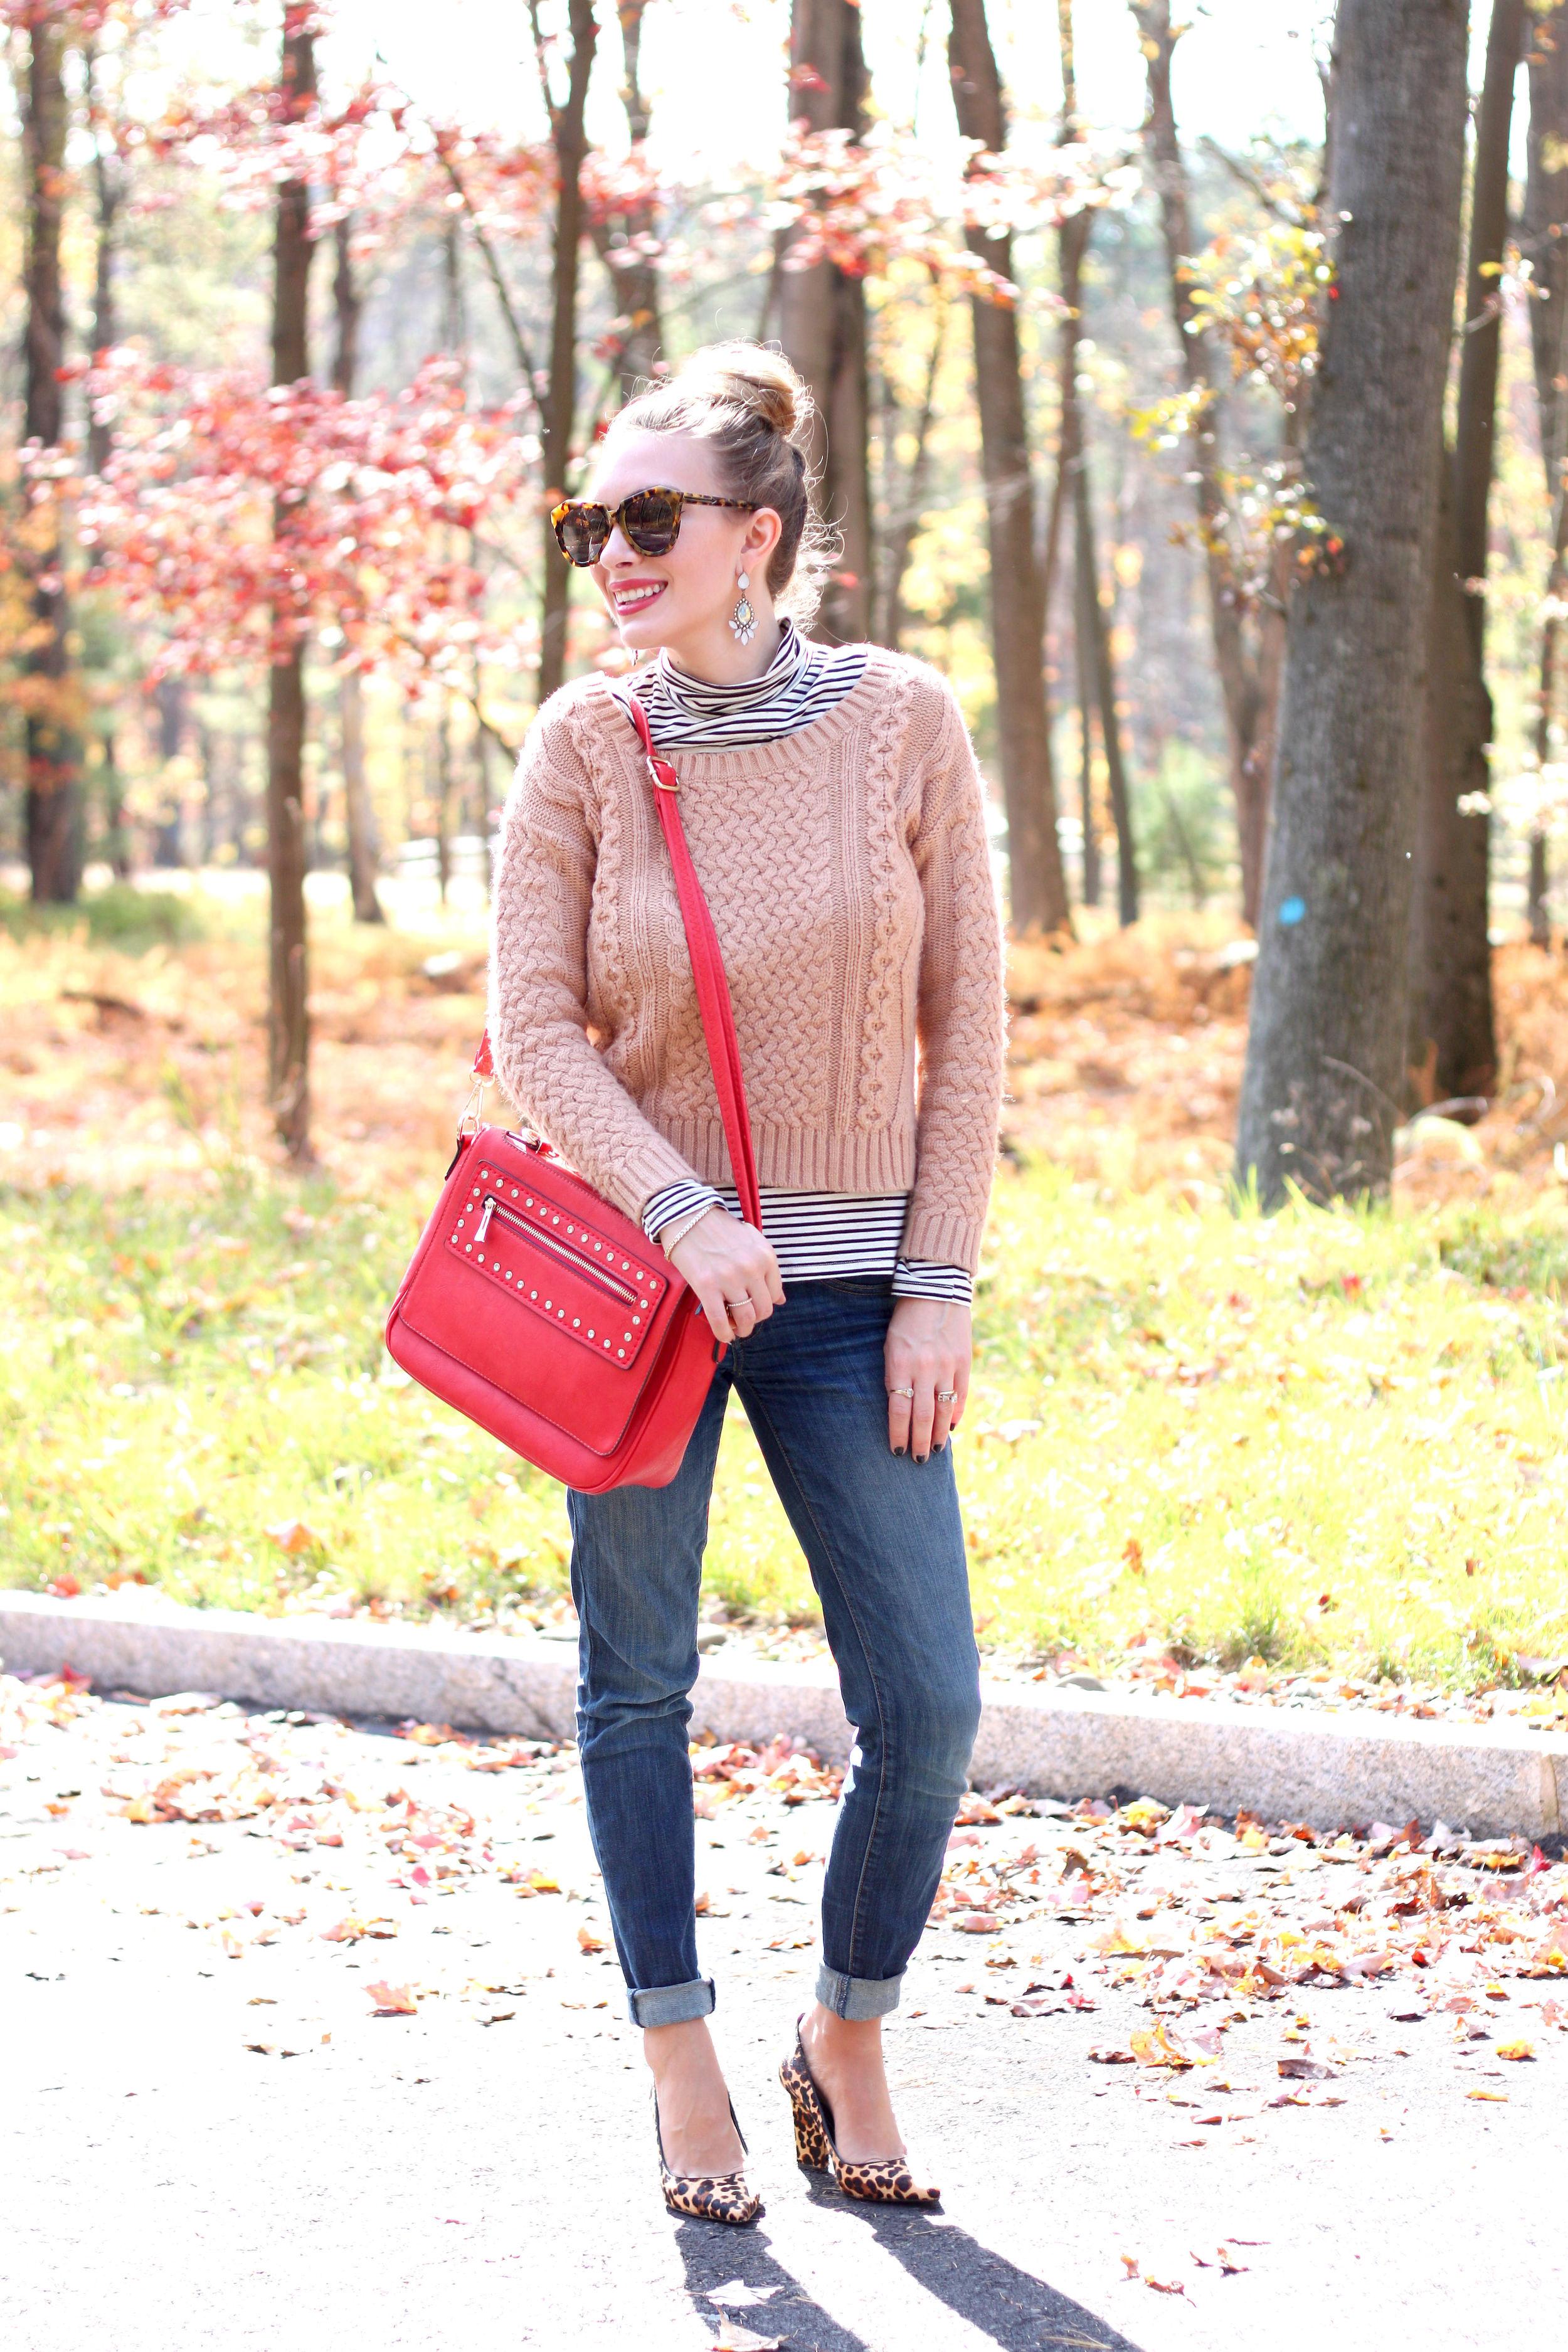 Camel and Stripes- Enchanting Elegance